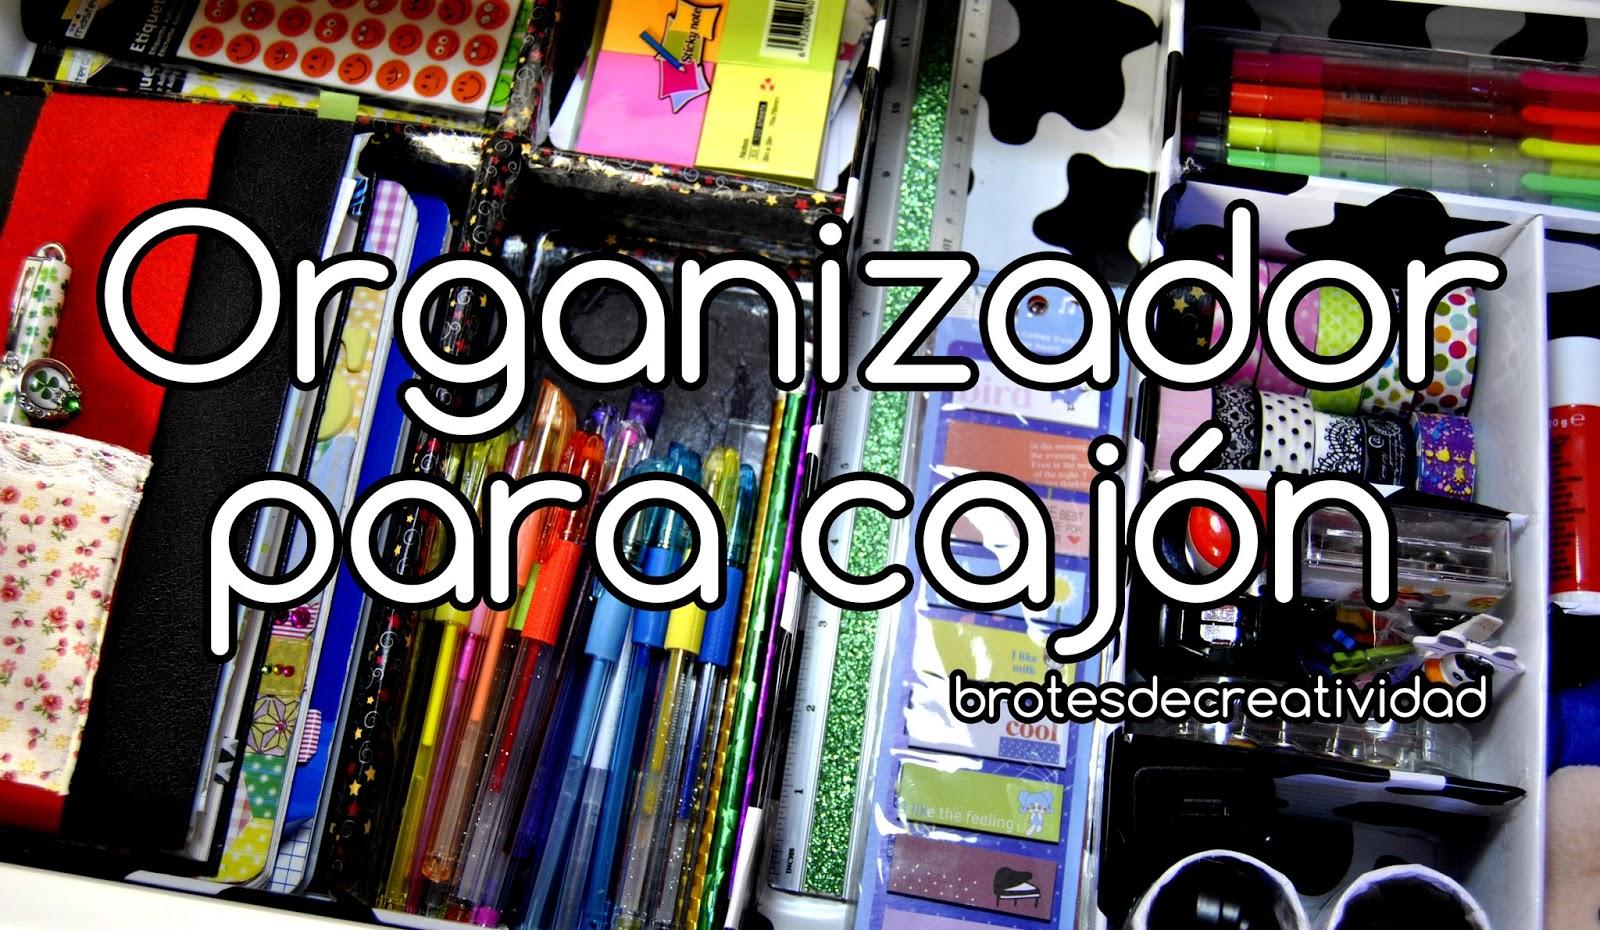 Brotes de creatividad organizador para caj n de cart n - Organizador cajon oficina ...